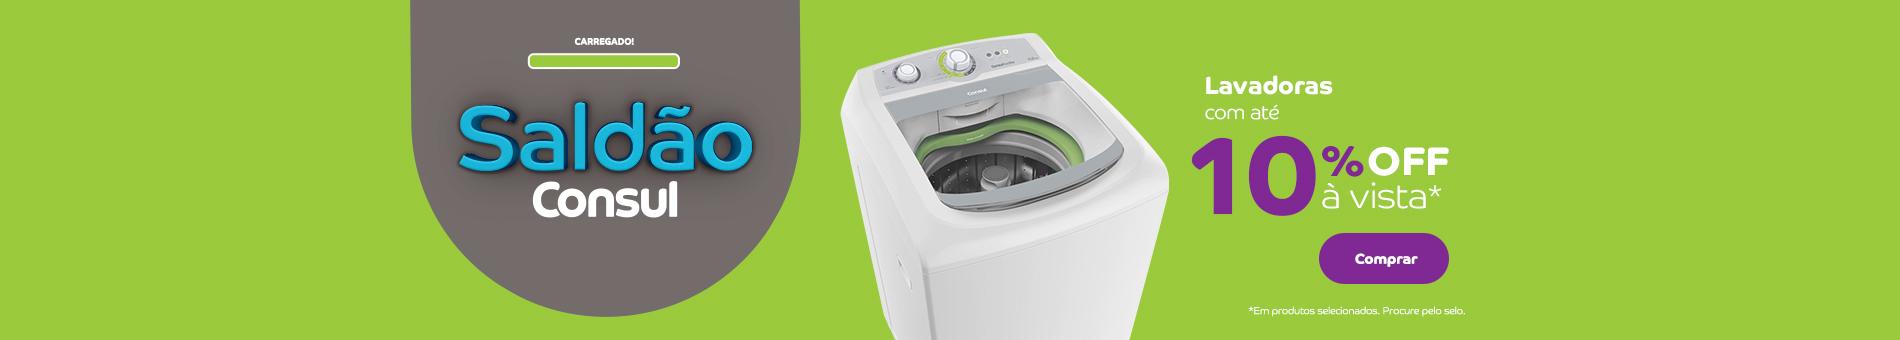 Promoção Interna - 2033 - camp-saldao_lavadoras_15082017_home5 - lavadoras - 5